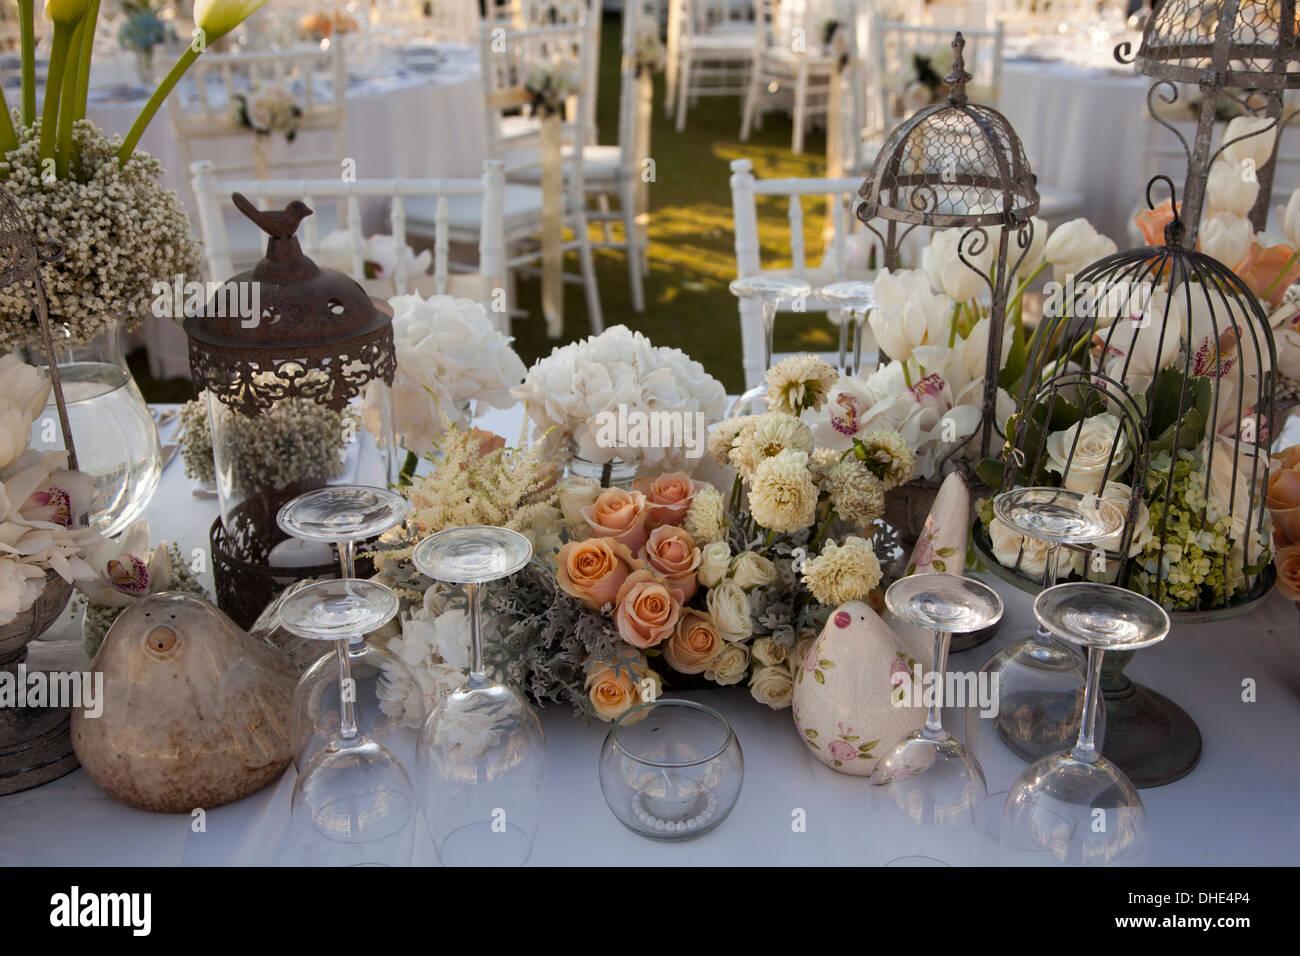 Decorazioni Matrimonio Arancione : Matrimonio della decorazione della tavola arancione di argilla di